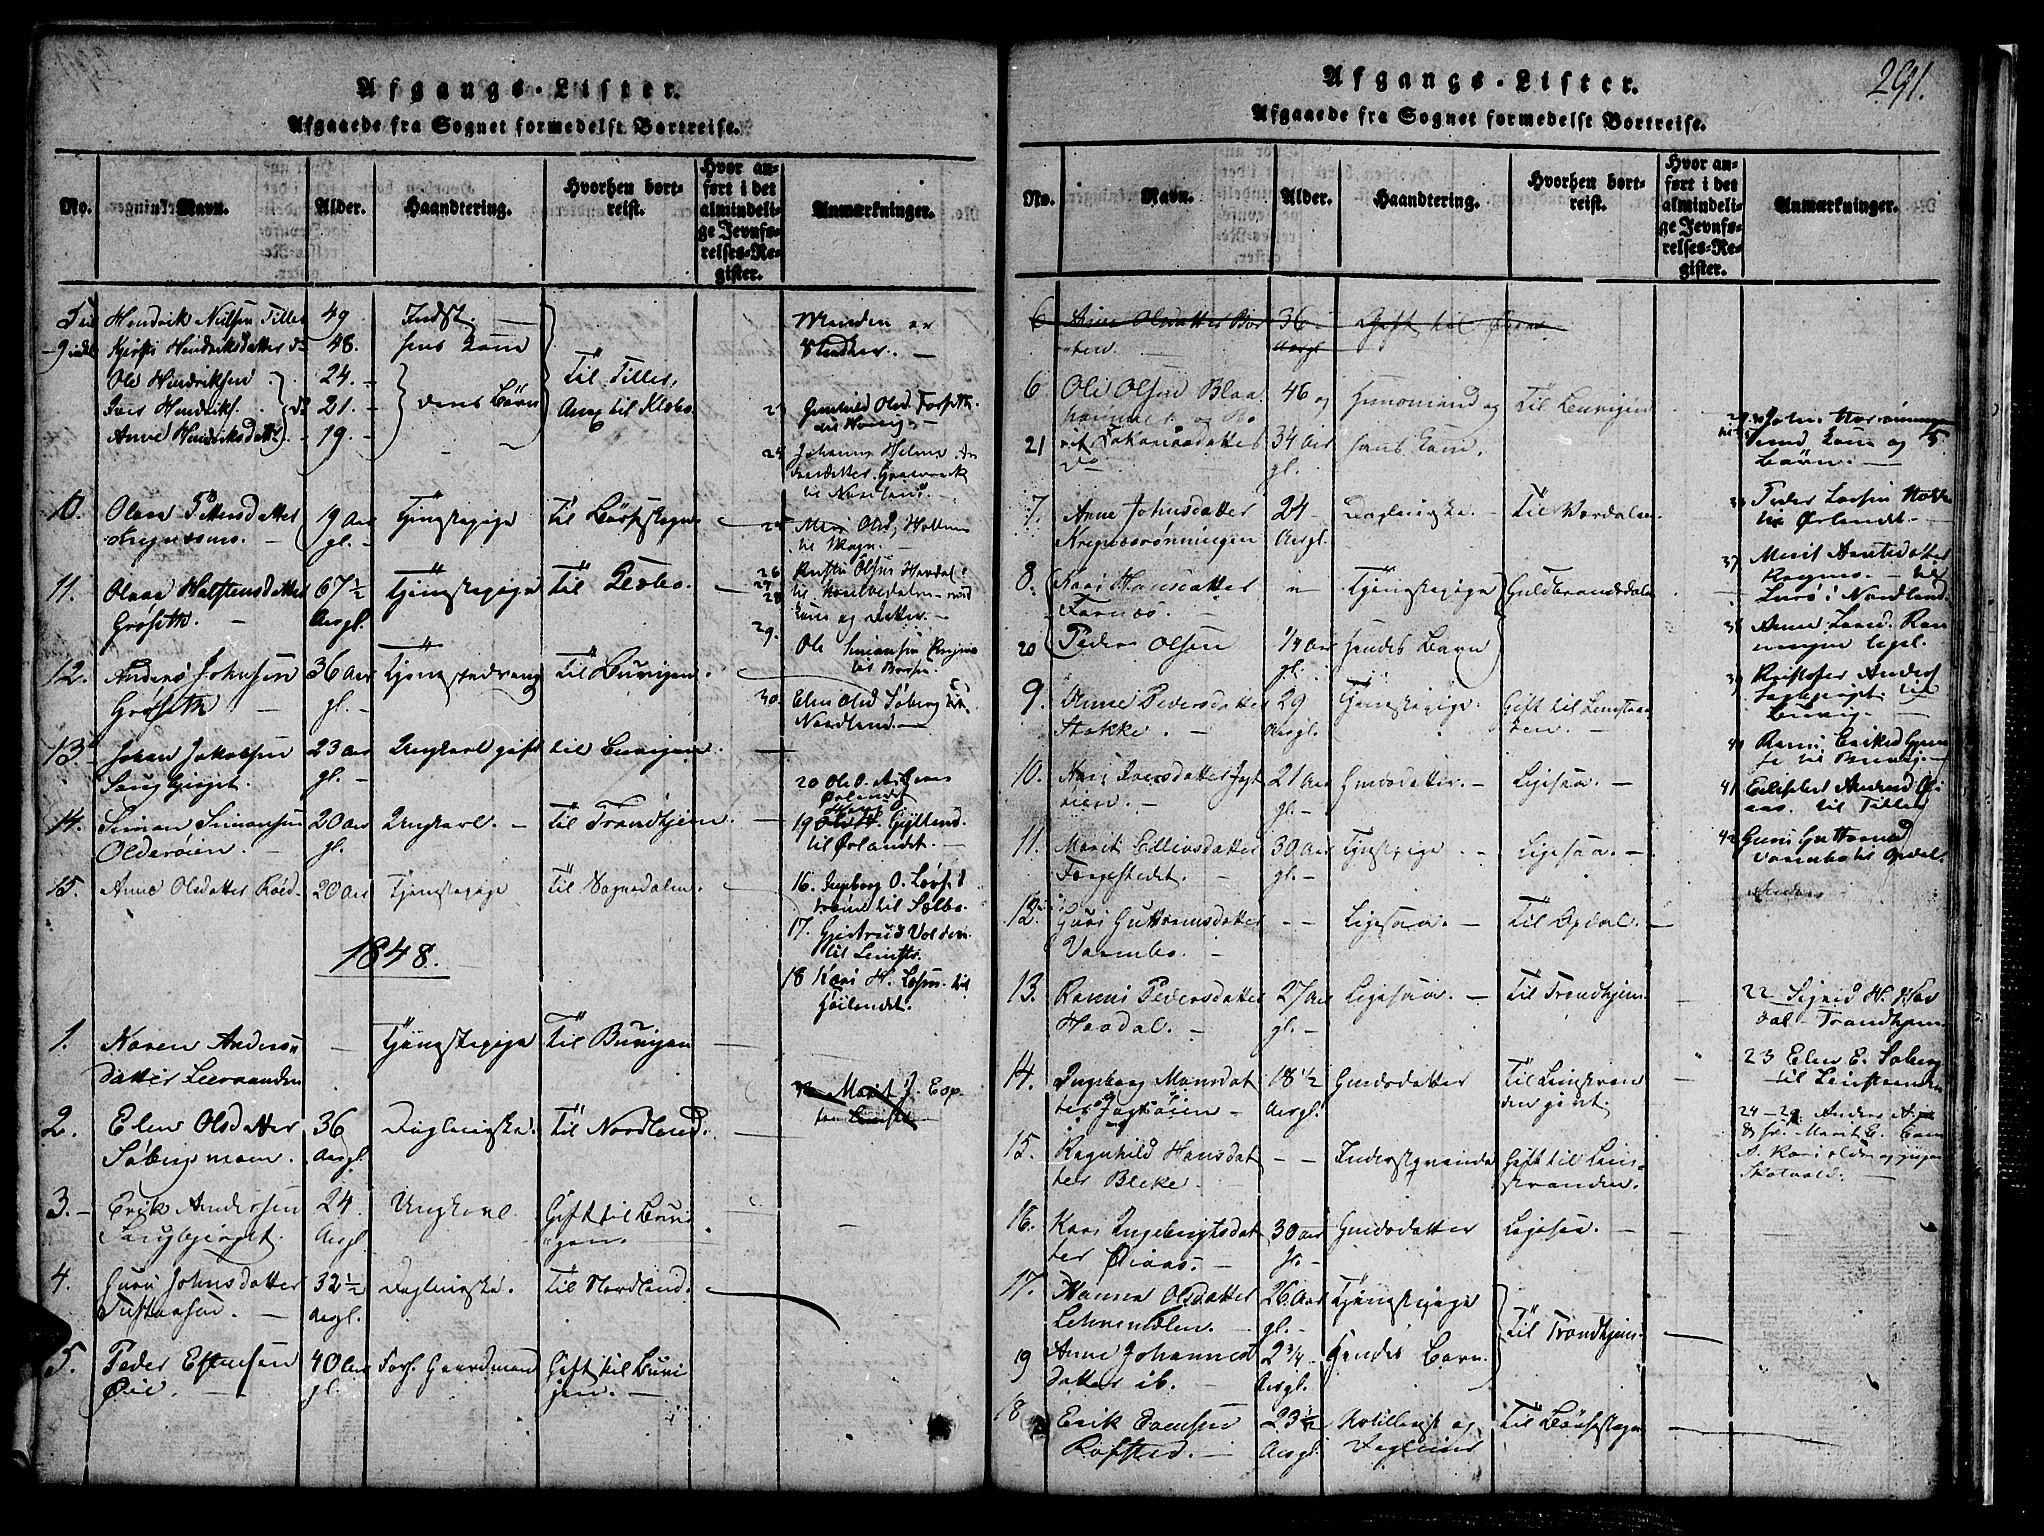 SAT, Ministerialprotokoller, klokkerbøker og fødselsregistre - Sør-Trøndelag, 691/L1092: Klokkerbok nr. 691C03, 1816-1852, s. 291